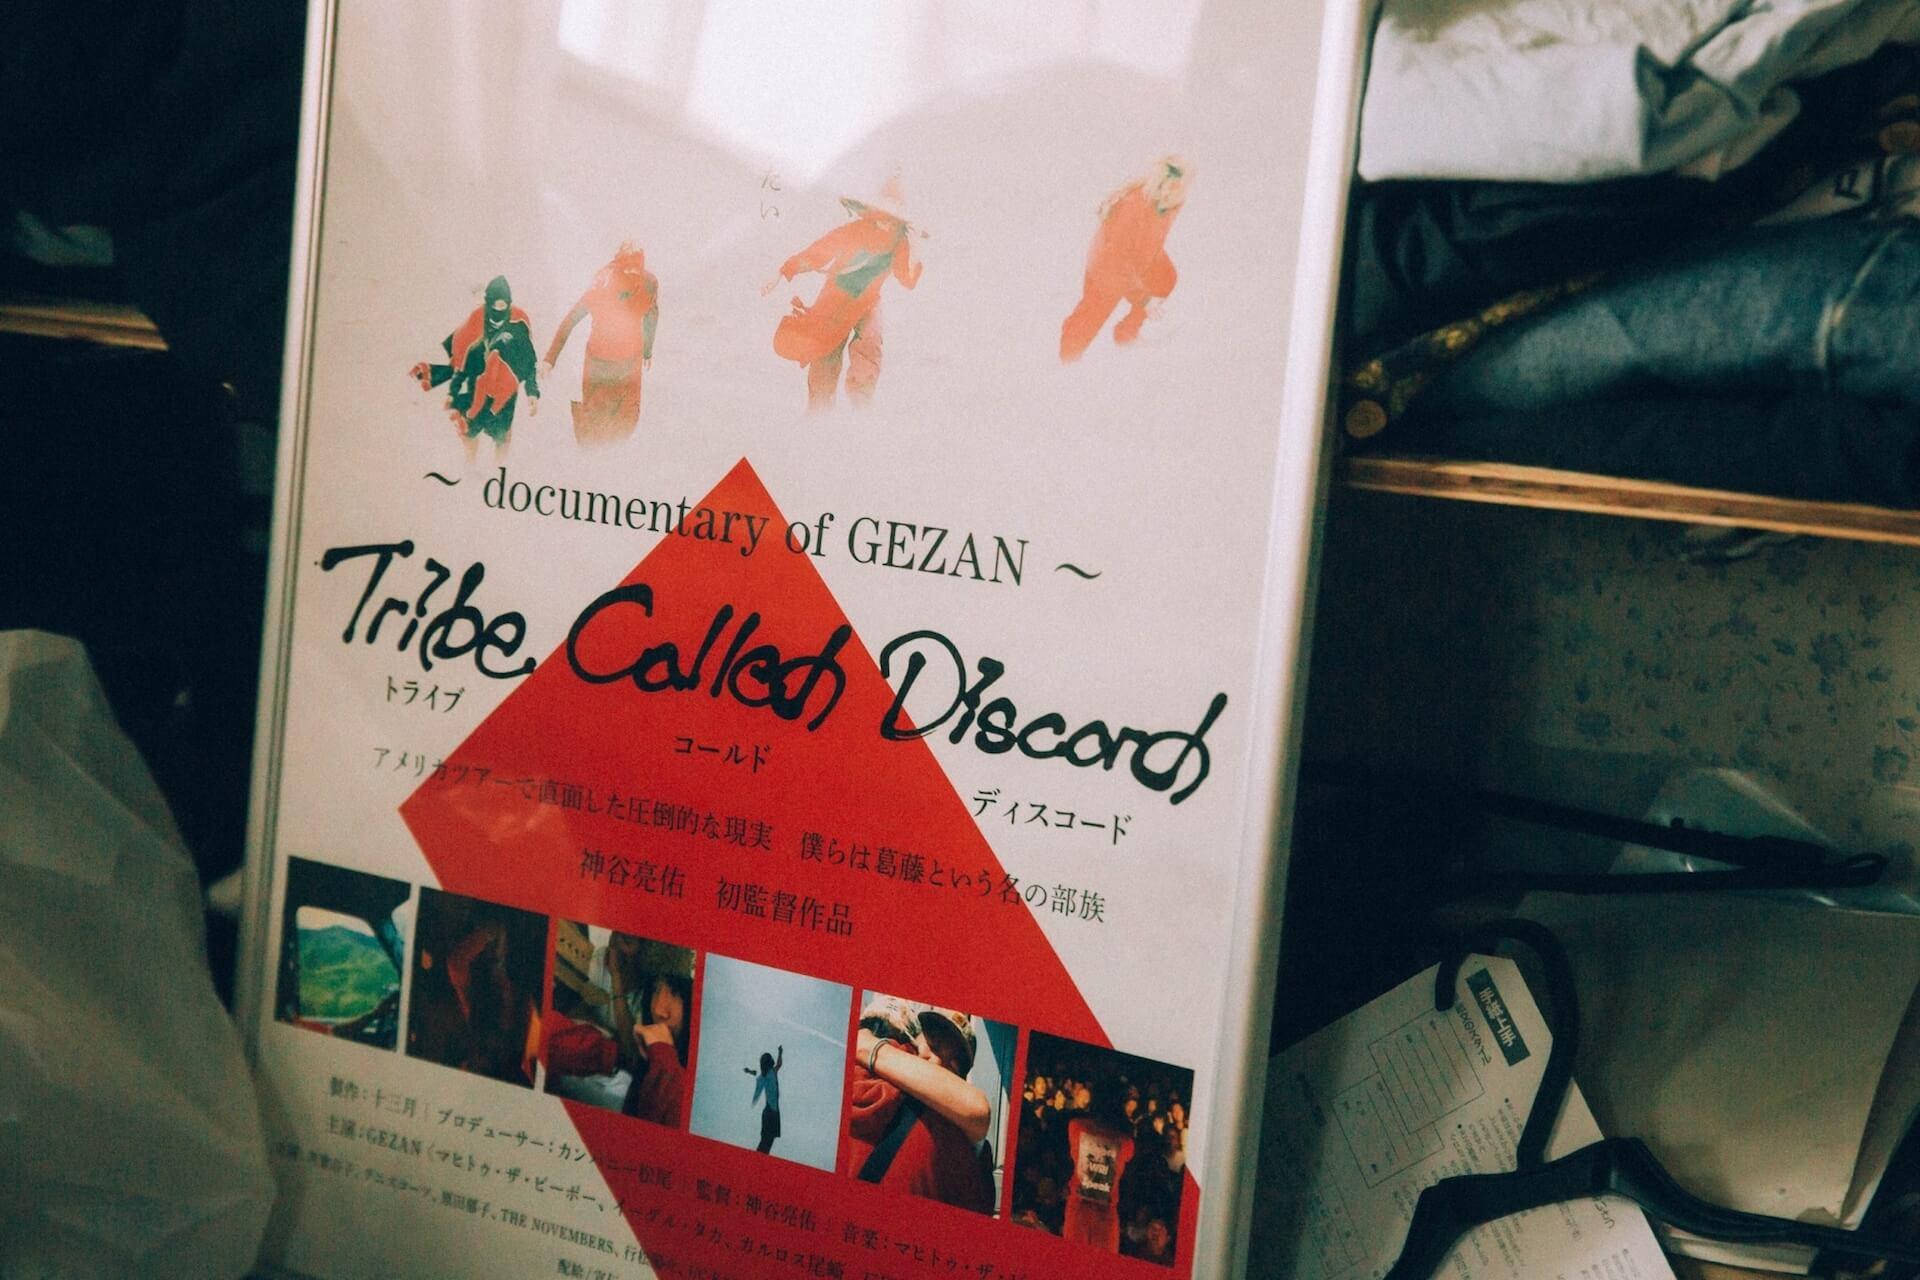 神谷亮佑×カンパニー松尾 対談|GEZAN映画『Tribe Called Discord』に存在する問いかけについて interview-gezan-film-10